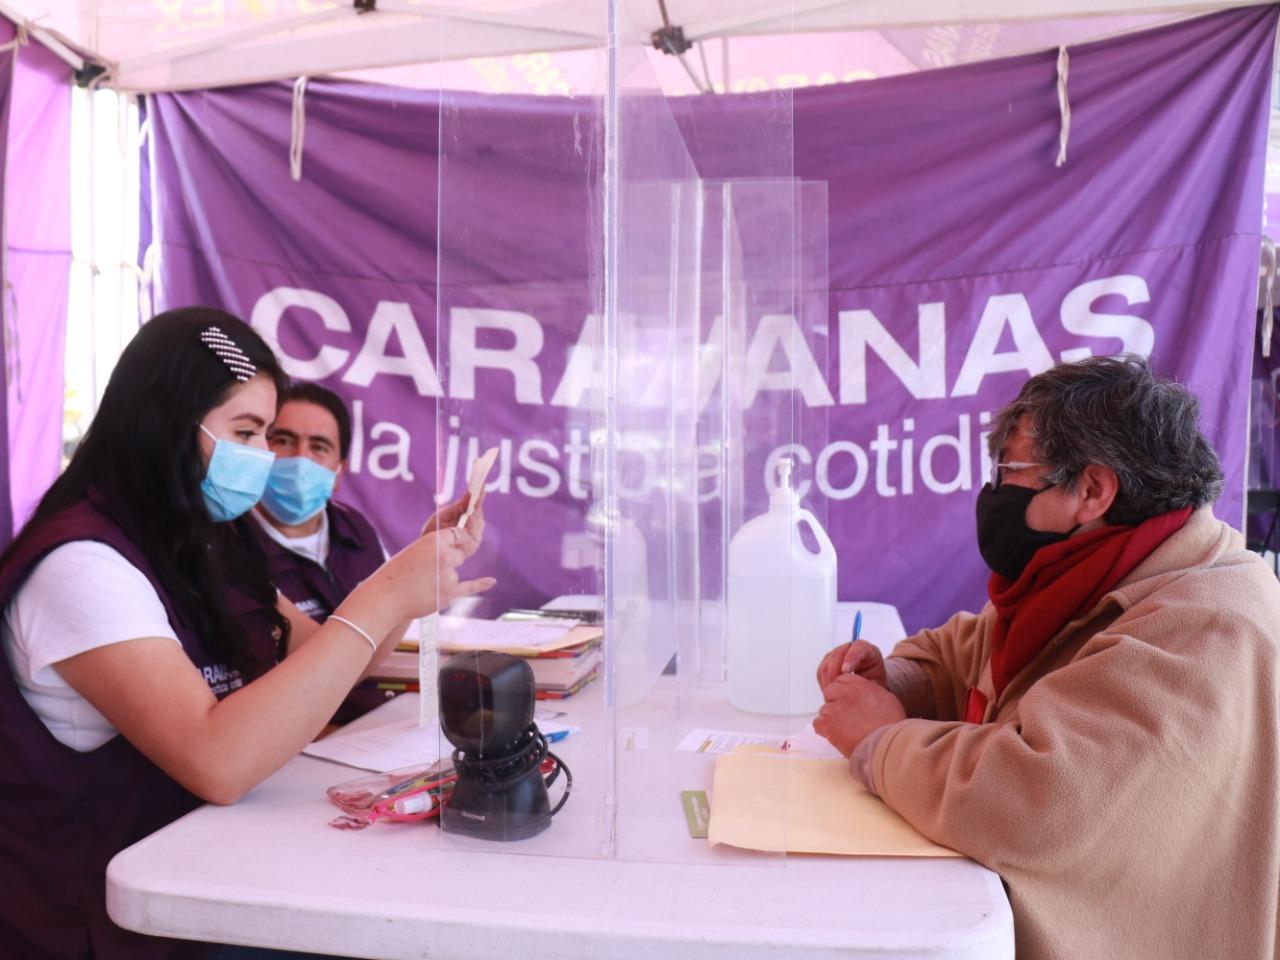 CARAVANAS POR LA JUSTICIA COTIDIANA ATIENDEN A MÁS DE 2 MIL PERSONAS DESDE SU REACTIVACIÓN PRESENCIAL